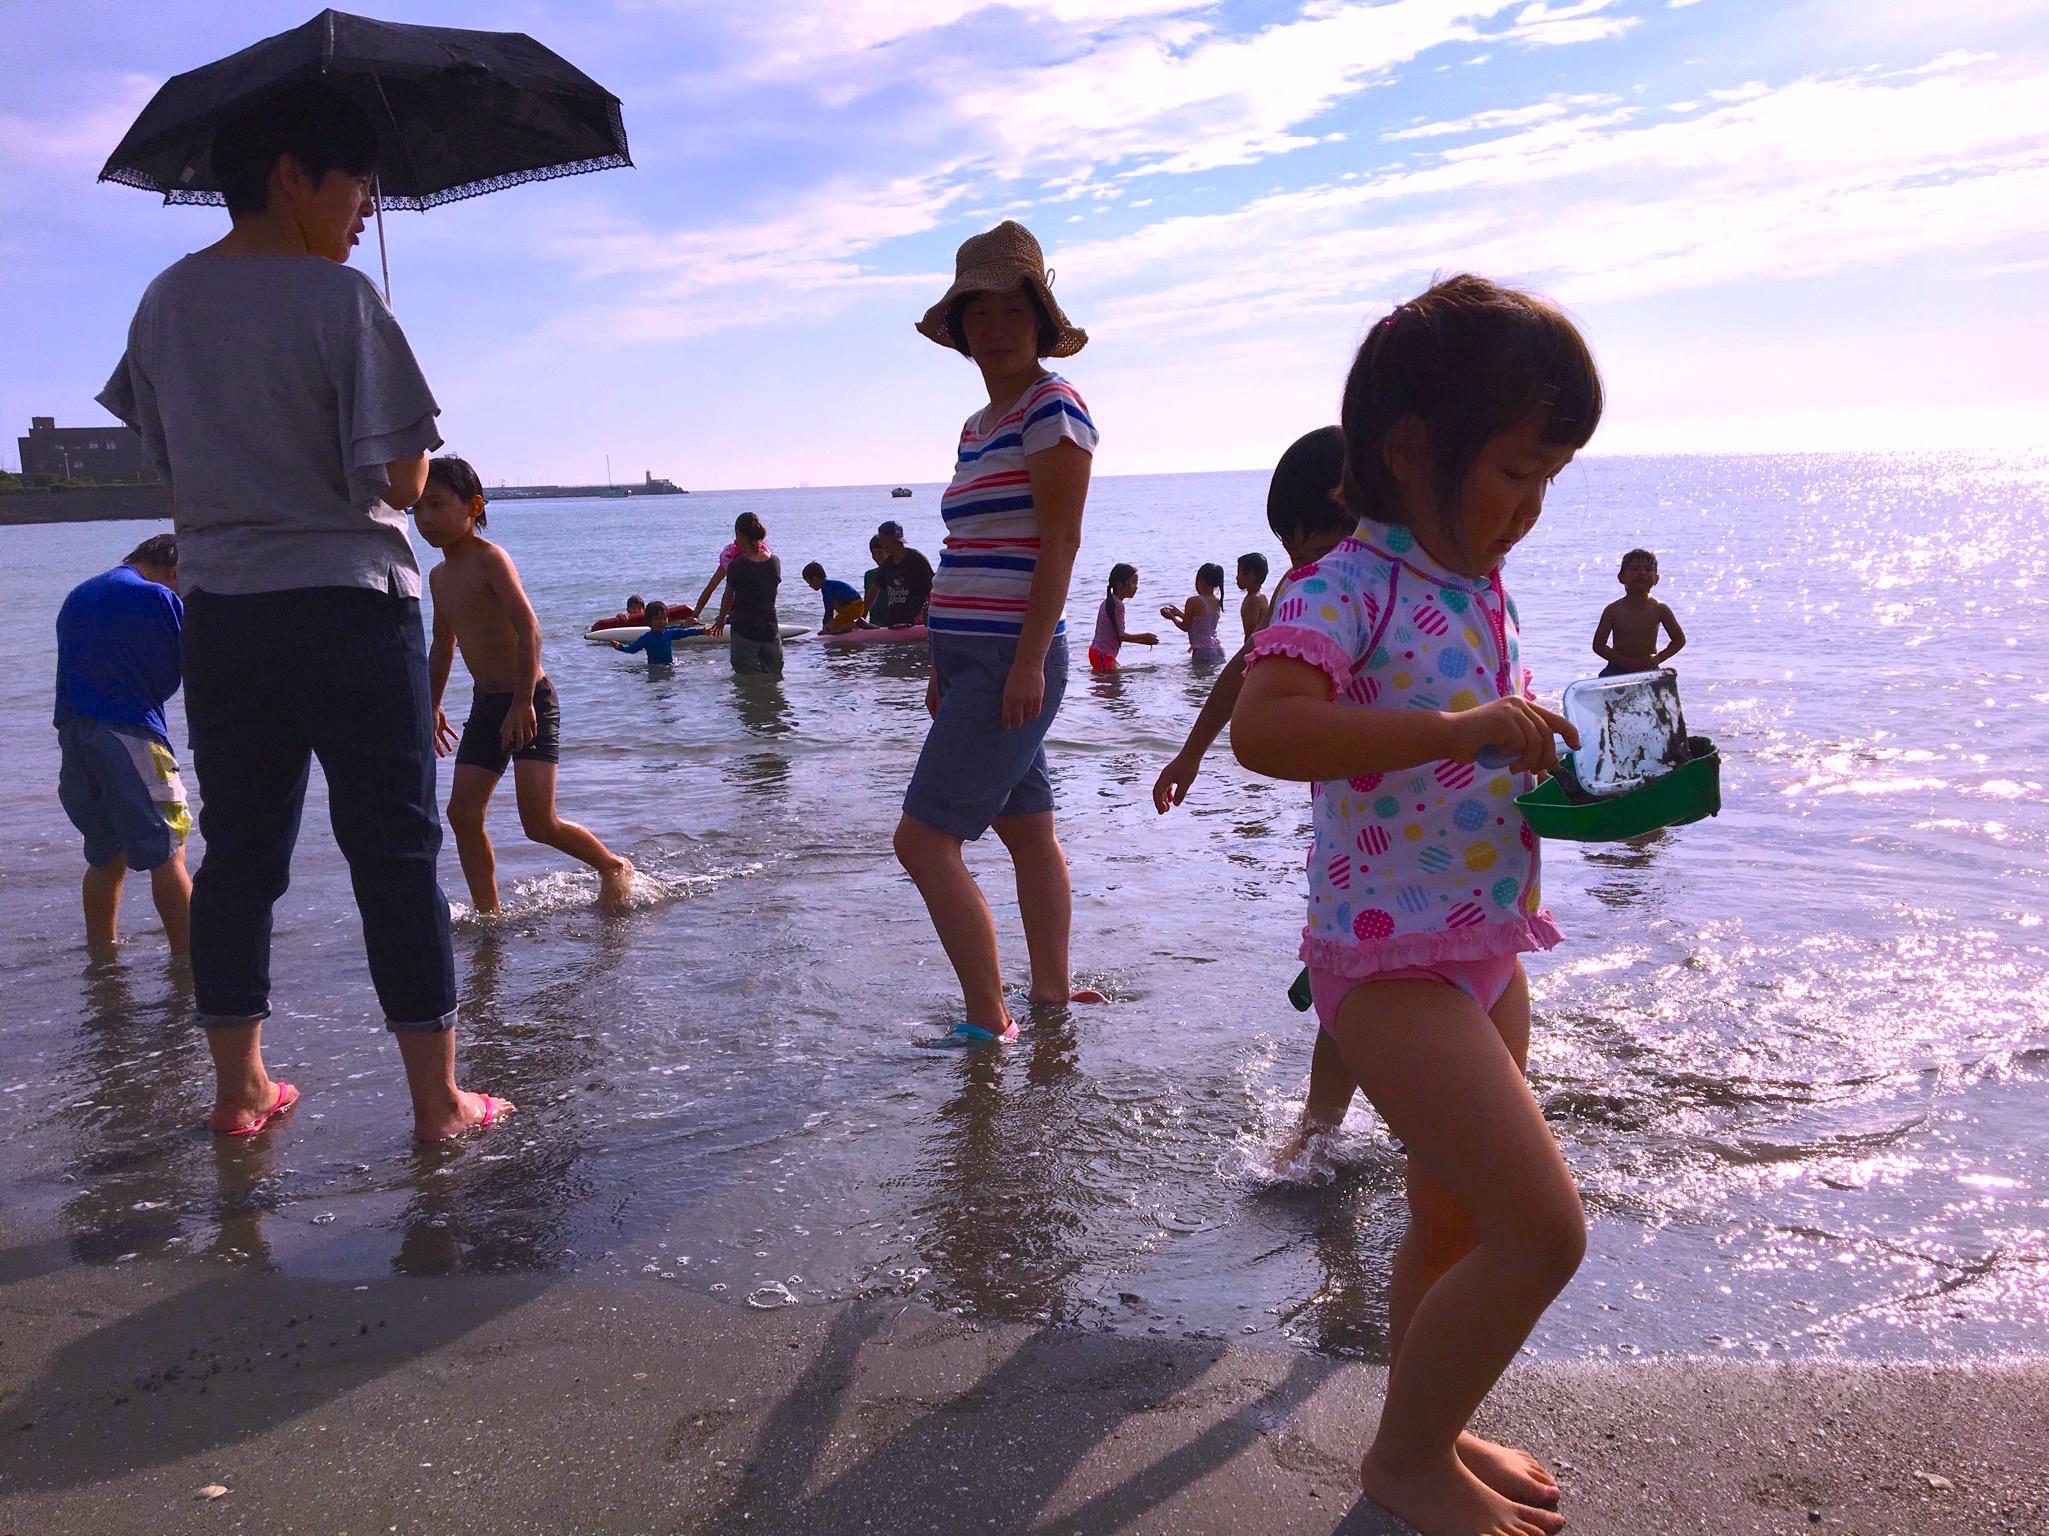 金曜日の逗子海岸は「海の子ども会」〜日本一のファミリービーチへ